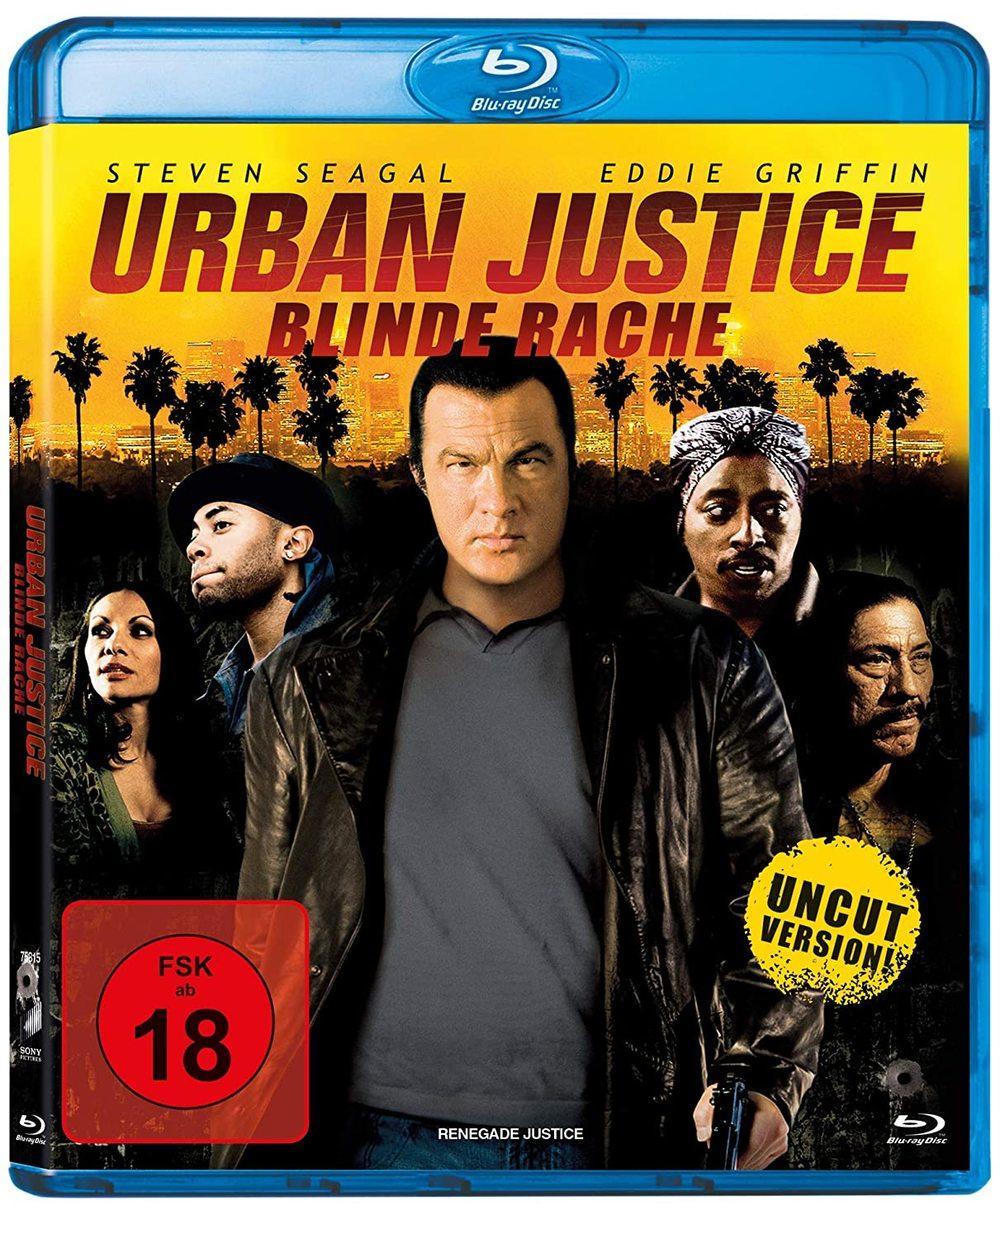 """"""" Urban Justice - Blinde Rache"""" mit Steven Seagal gibts endlich ungekürzt und wir verlosen den Film auf BD"""